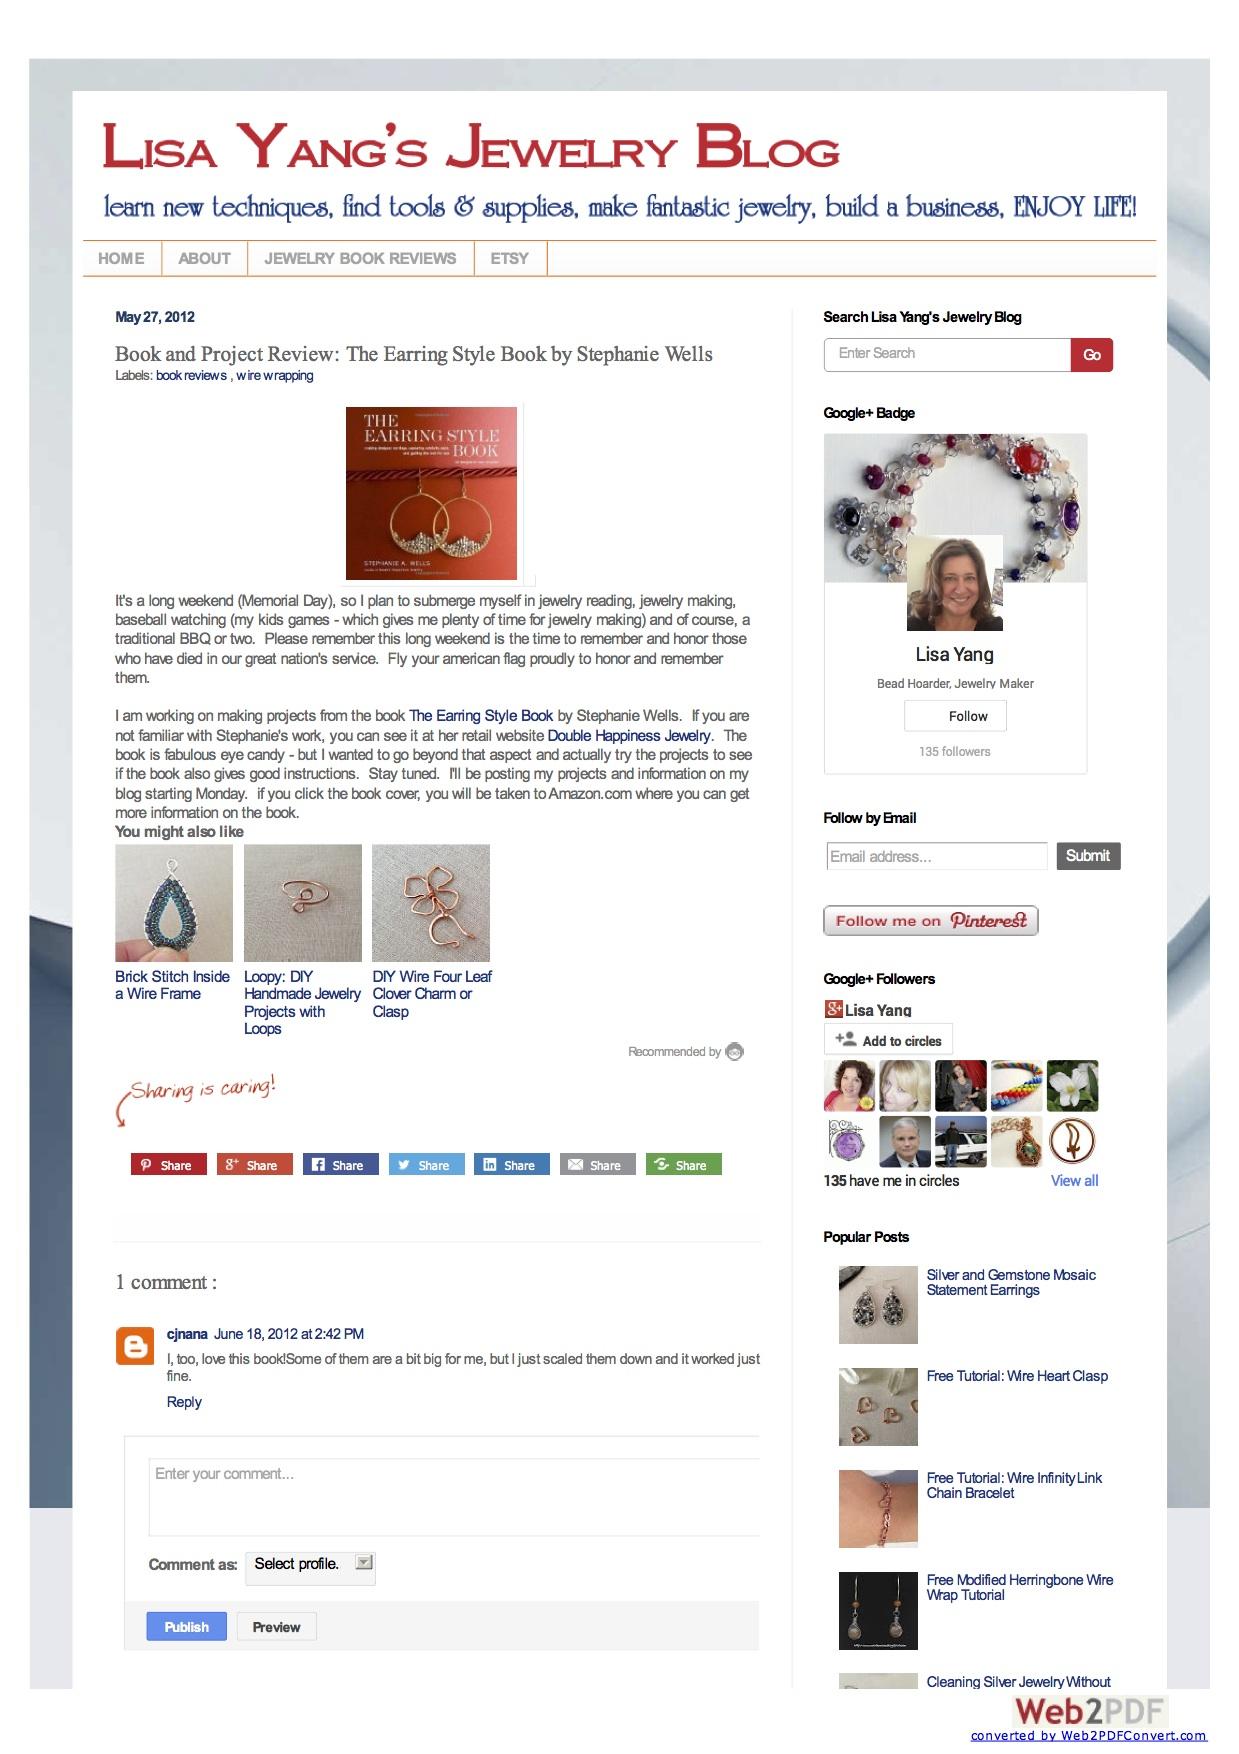 www-lisayangjewelry-com.jpg